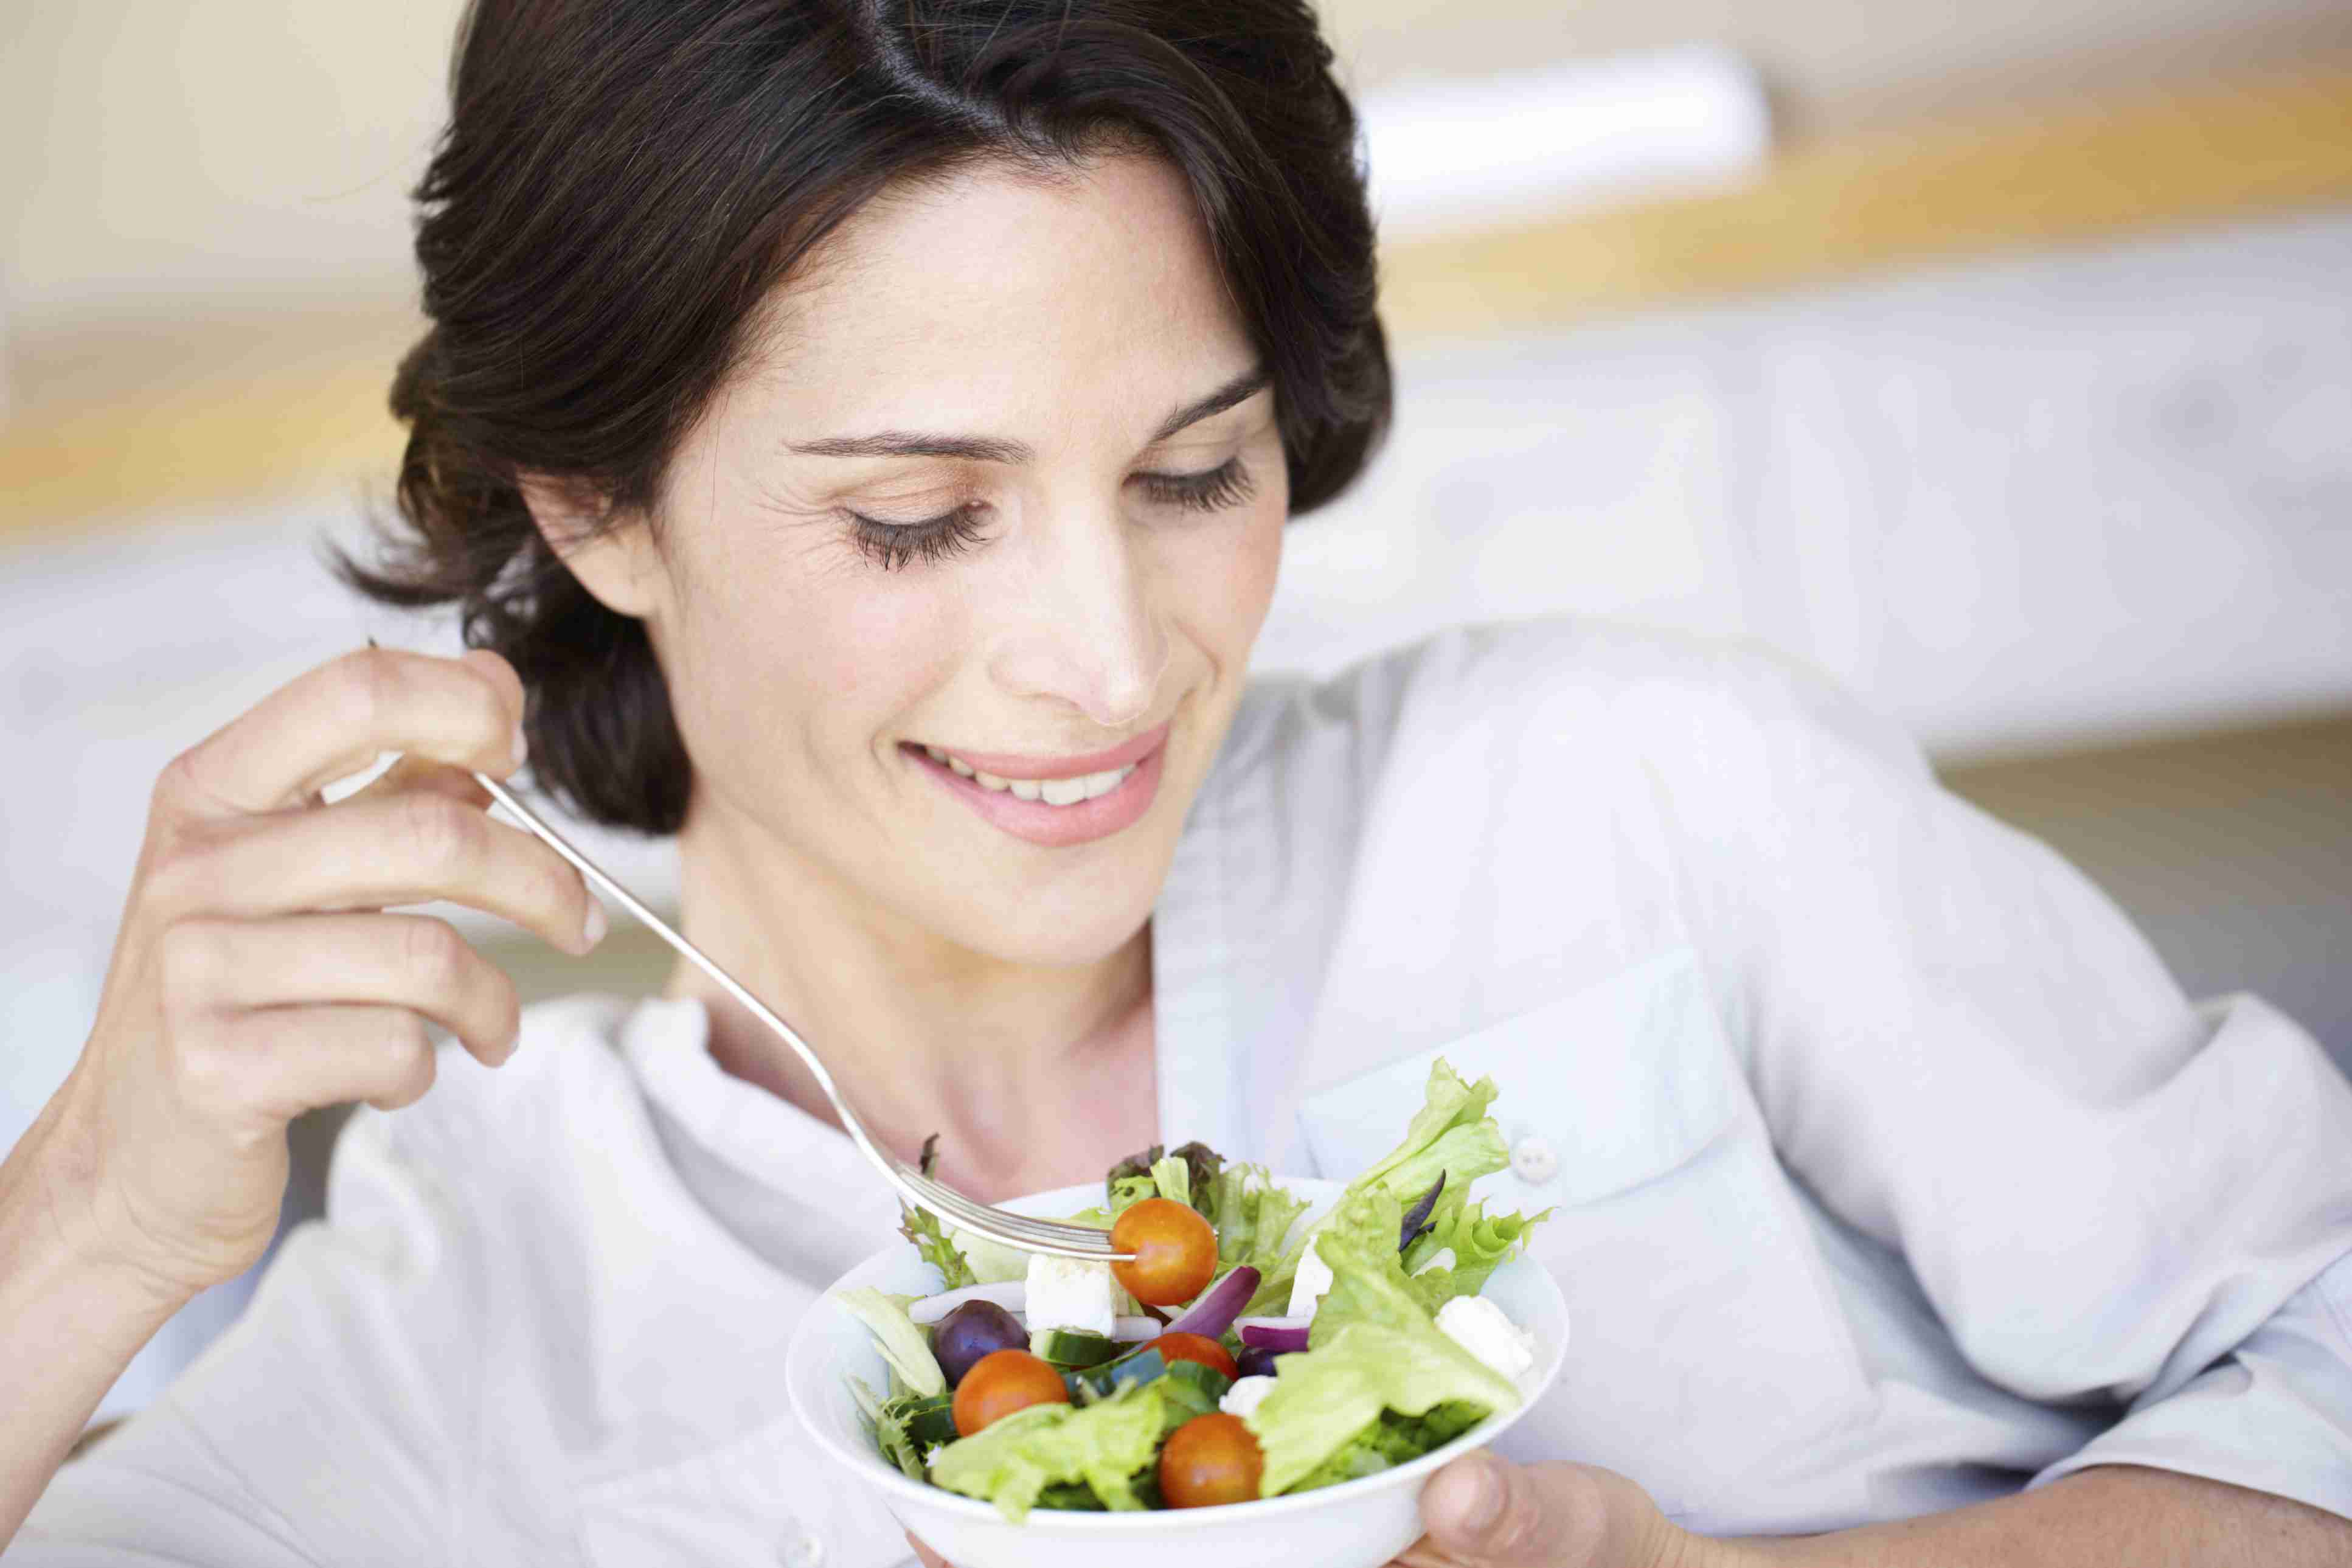 habitos de comer saludable